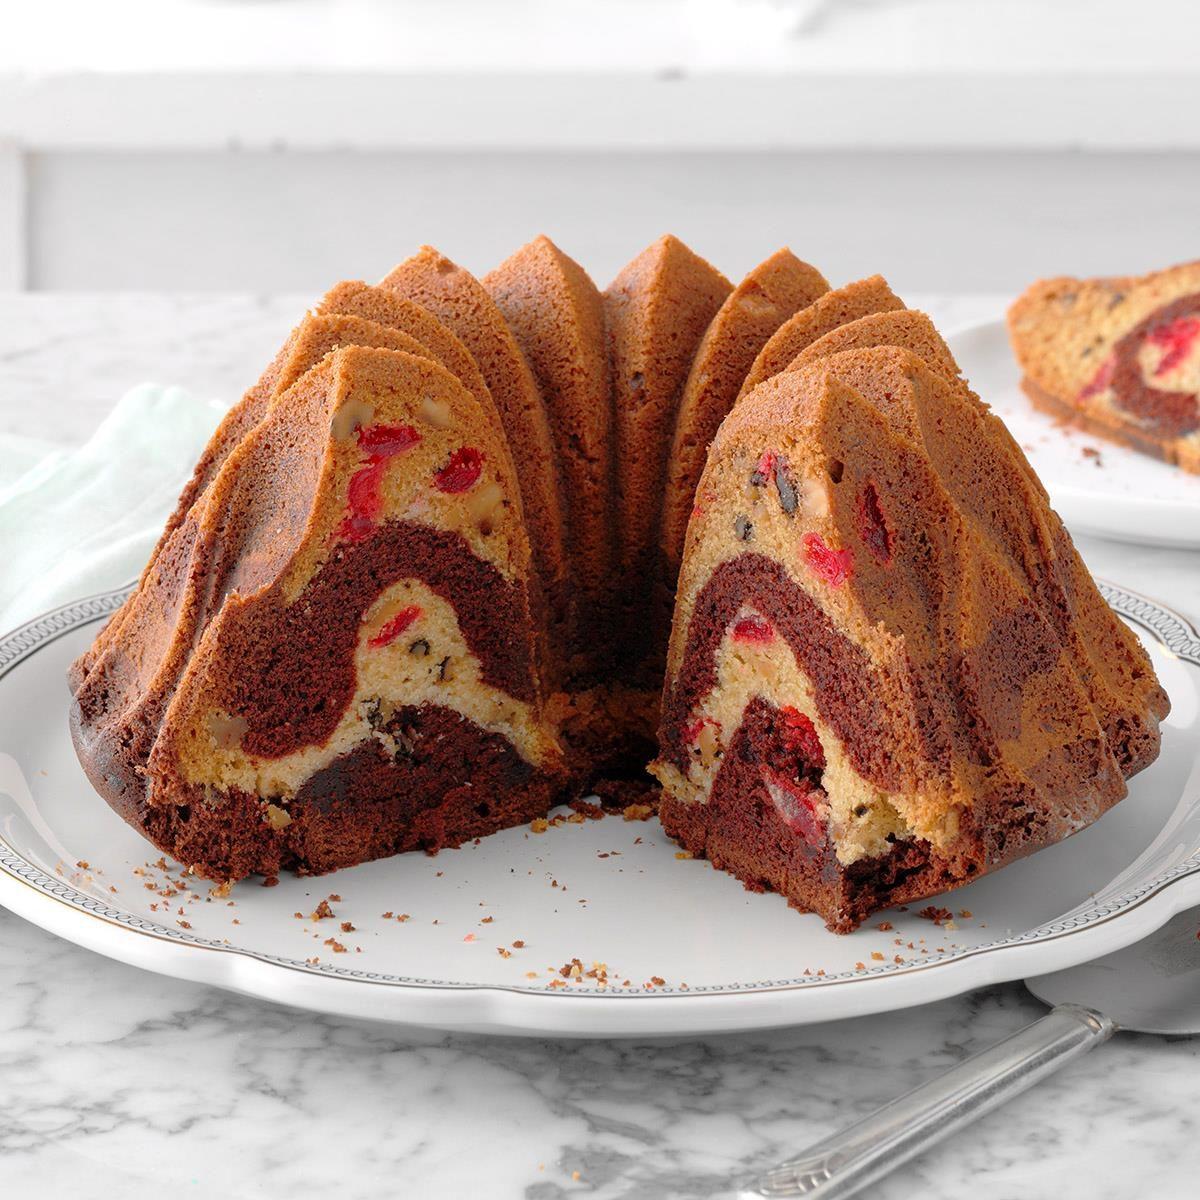 Minnesota: Bundt Cake